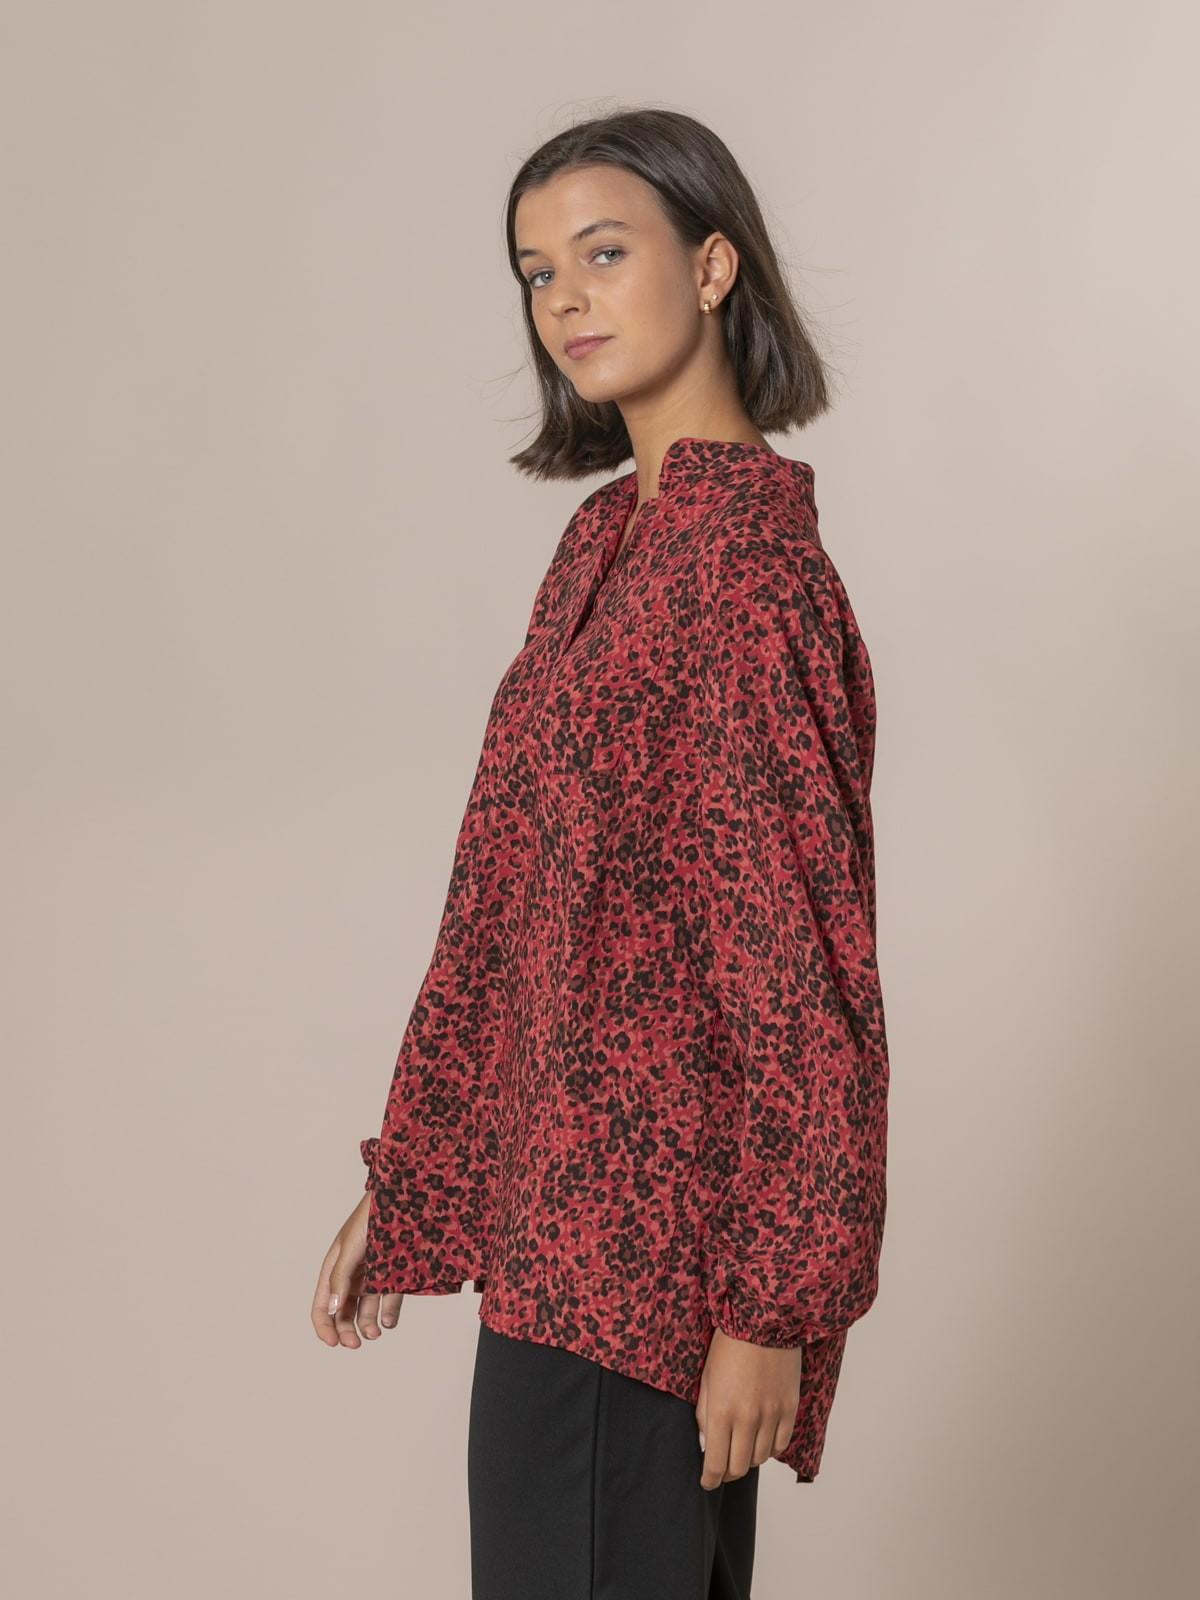 Camisa mujer botones animal print pequeñito Rojo